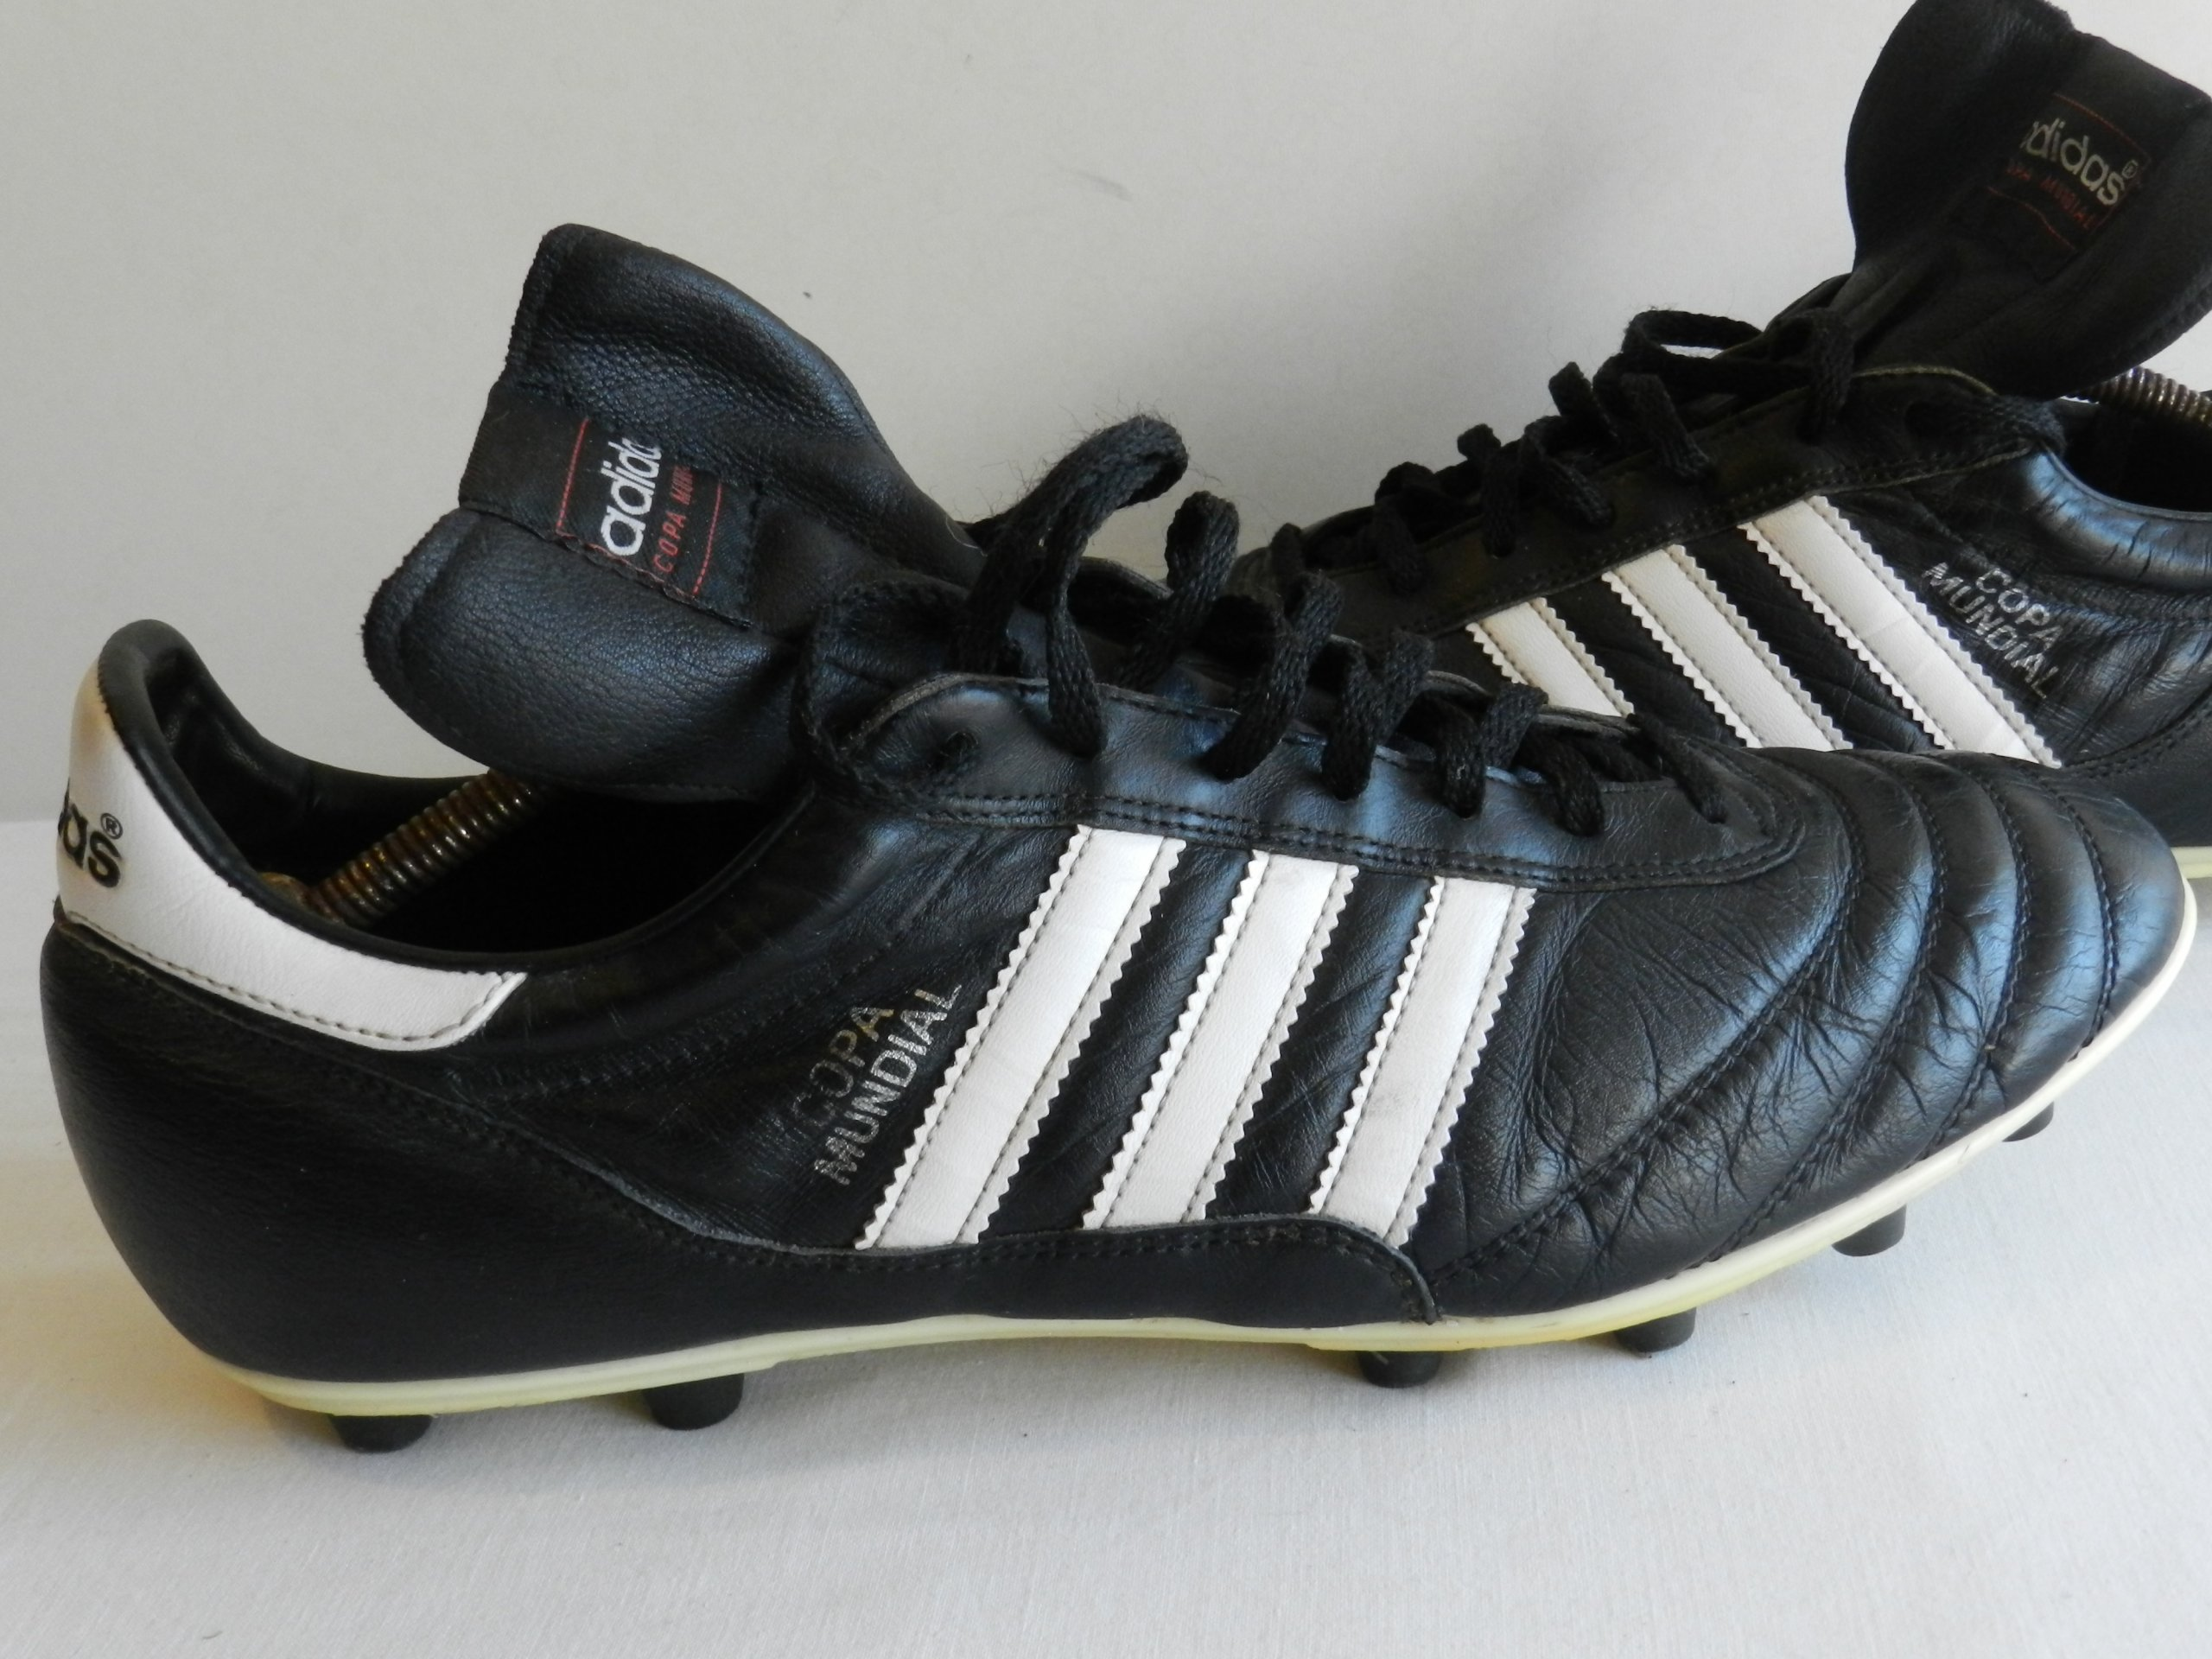 Where To Buy B8963 C92f0 Uk Trainers Adidas Copa 184 Fxg Cp8960 Sepatu Bola Grade Ori Size 7 539a8 817e9 Mundial Lanki Pika Nona R46